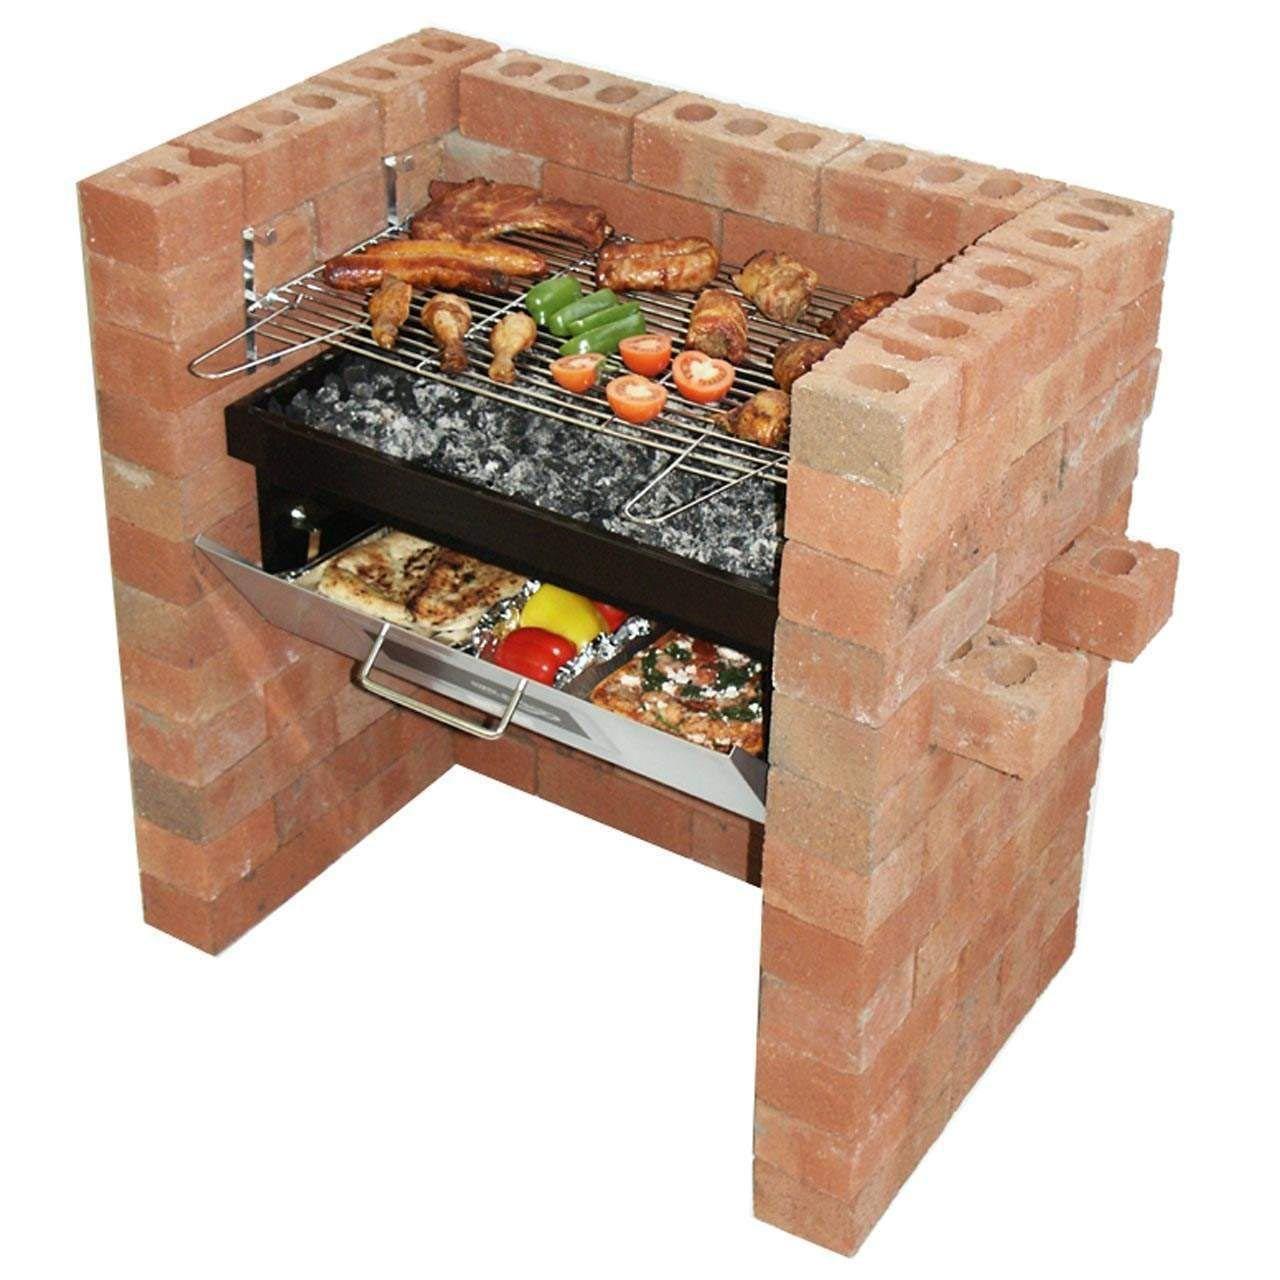 Diy Brick Bbq Grill Kit Stuff To Buy Brick Built Bbq